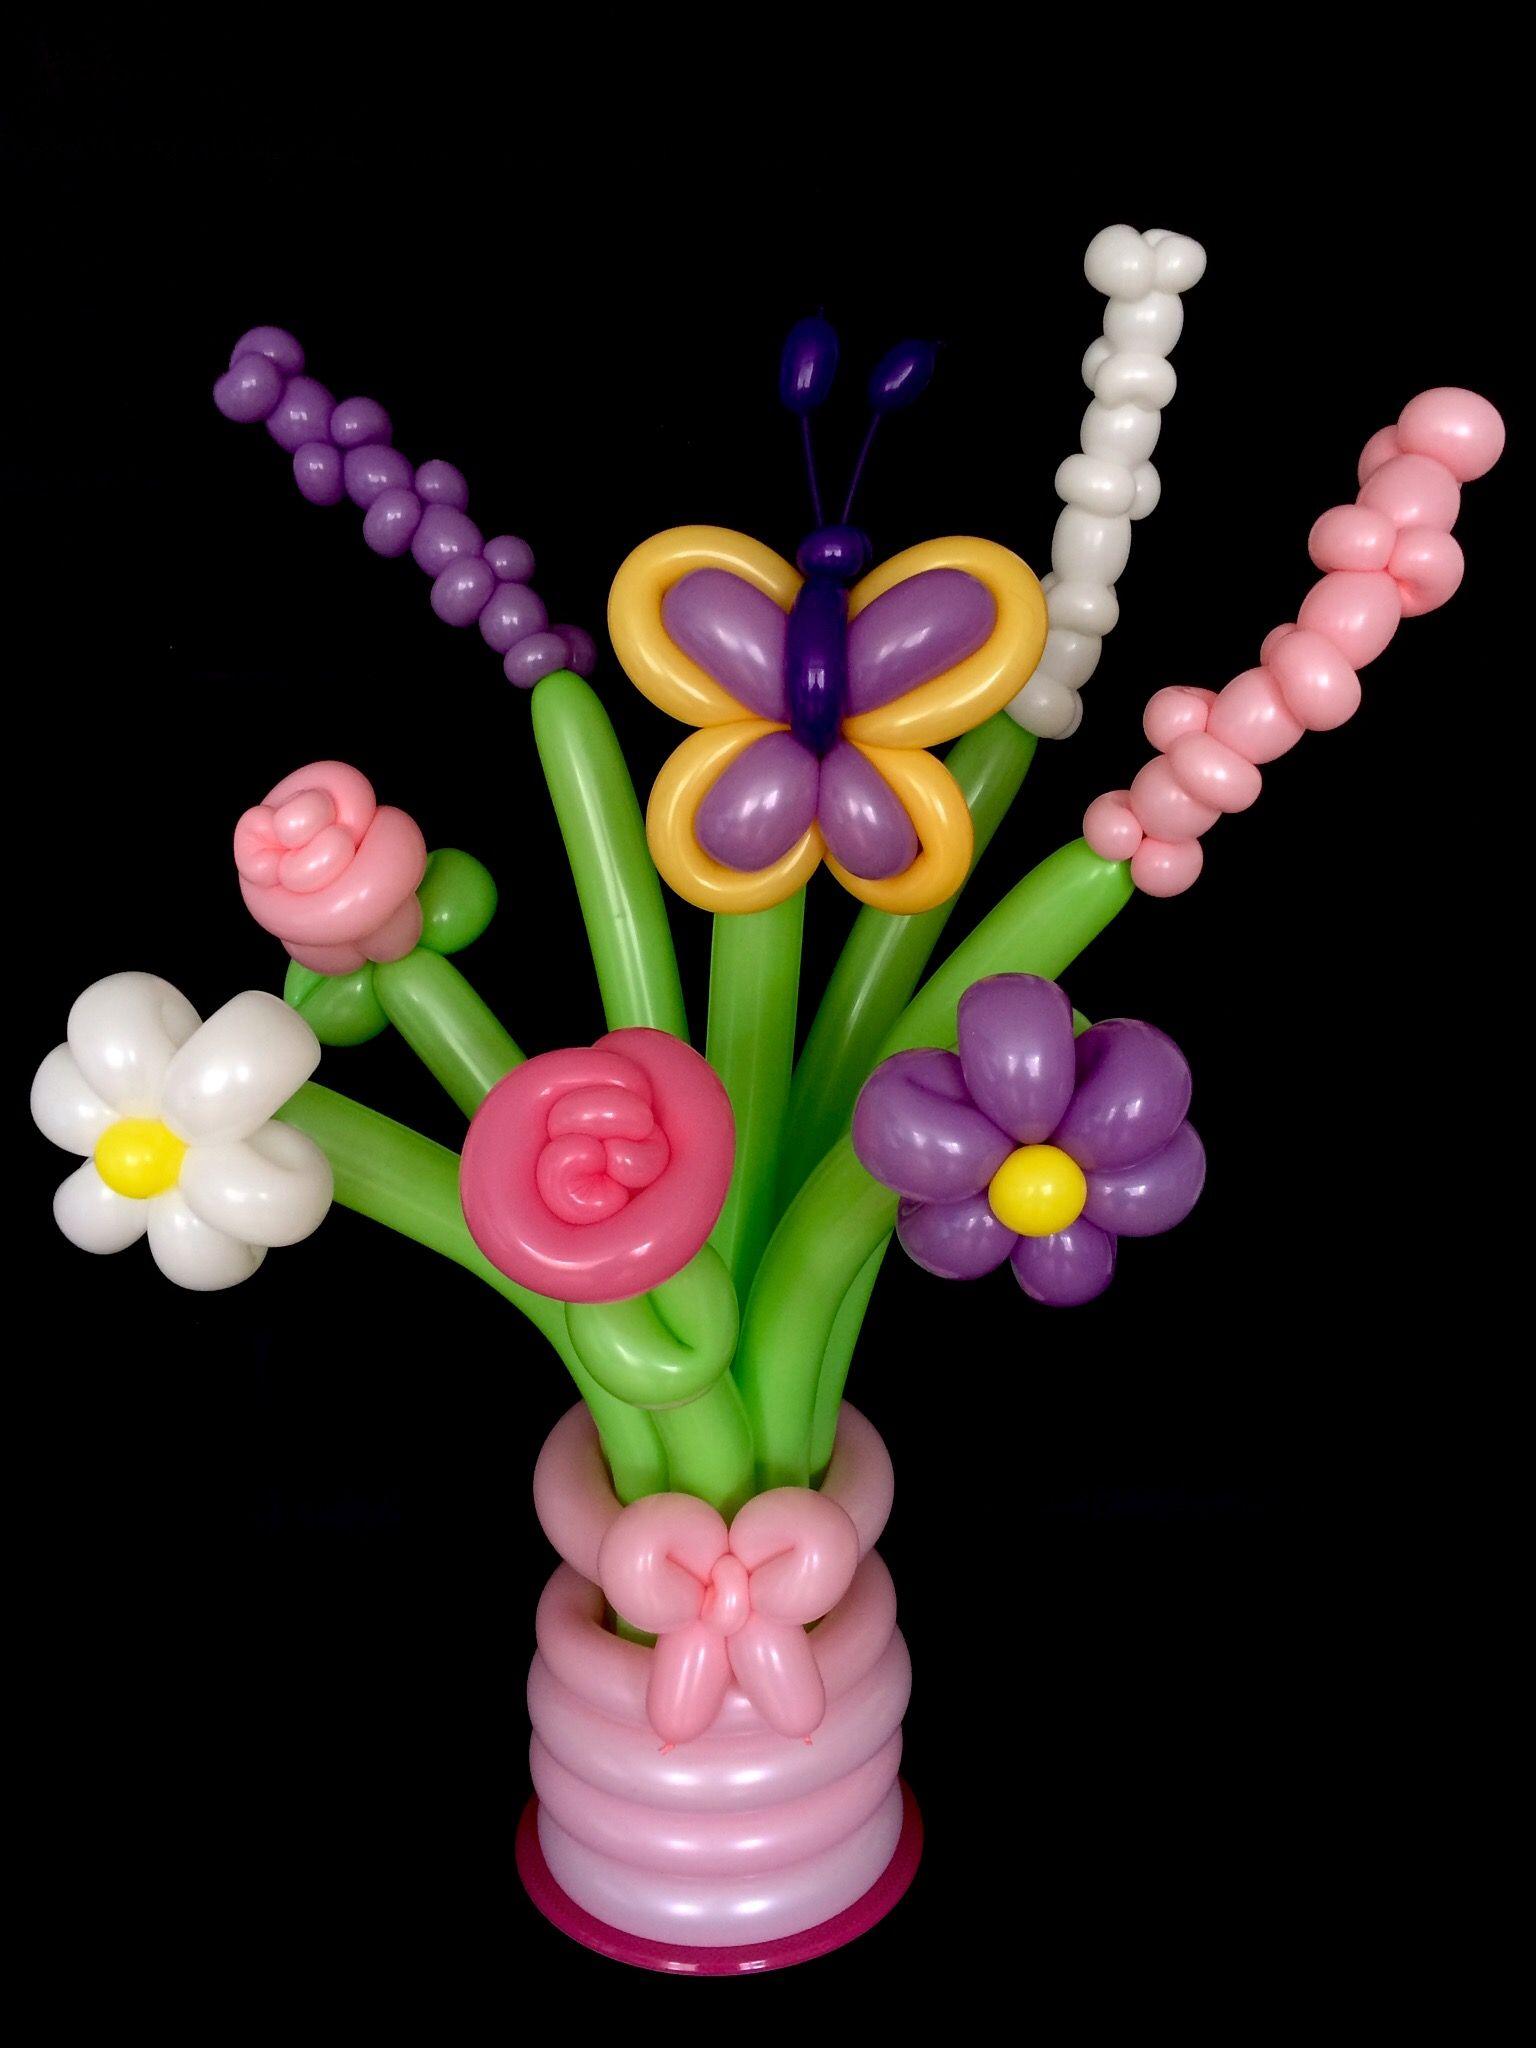 Flower Balloon Bouquet | balloon bouquets | Pinterest | Flower ...